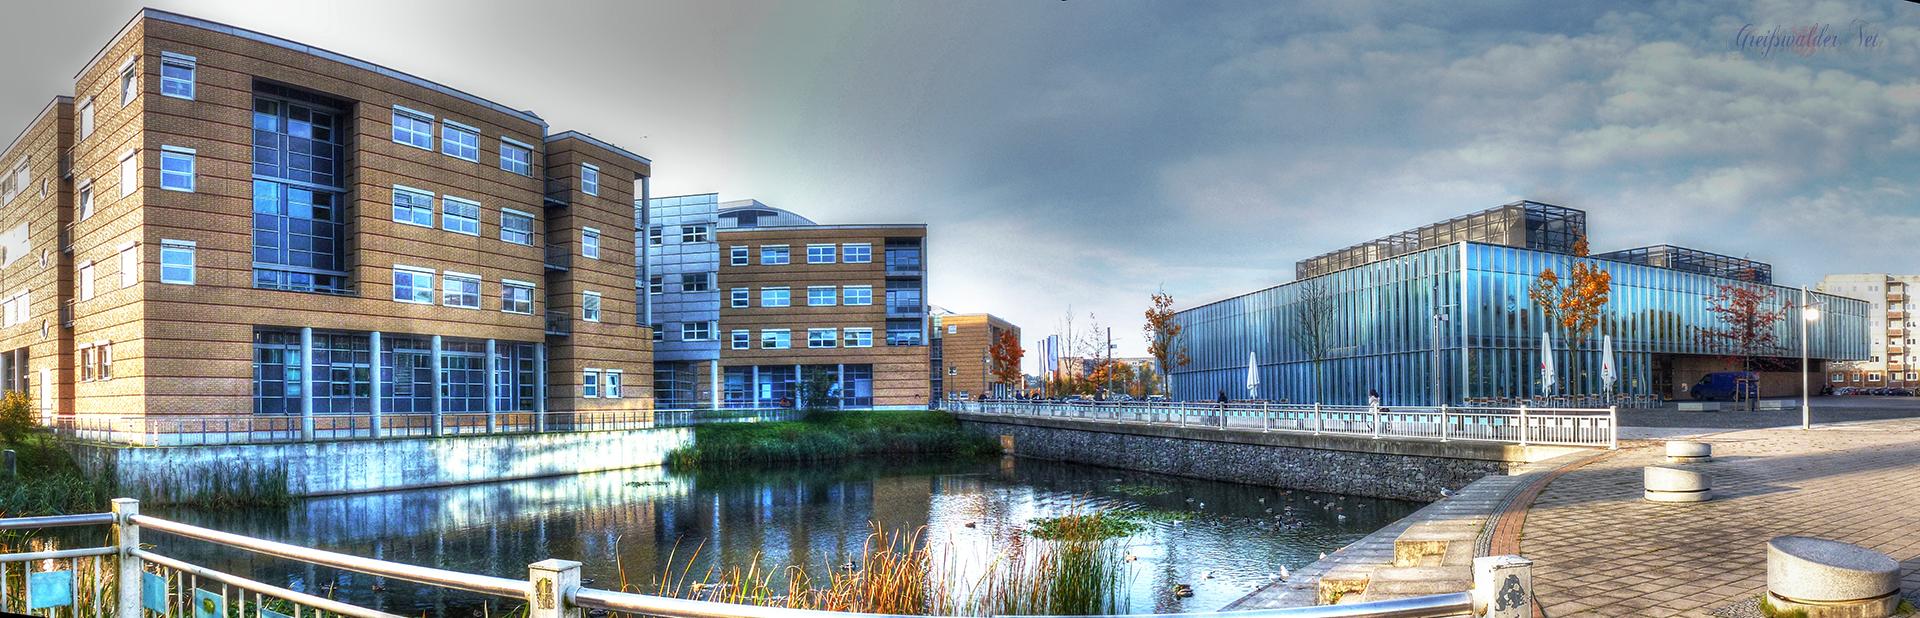 Klinikum und Mensa in Greifswald